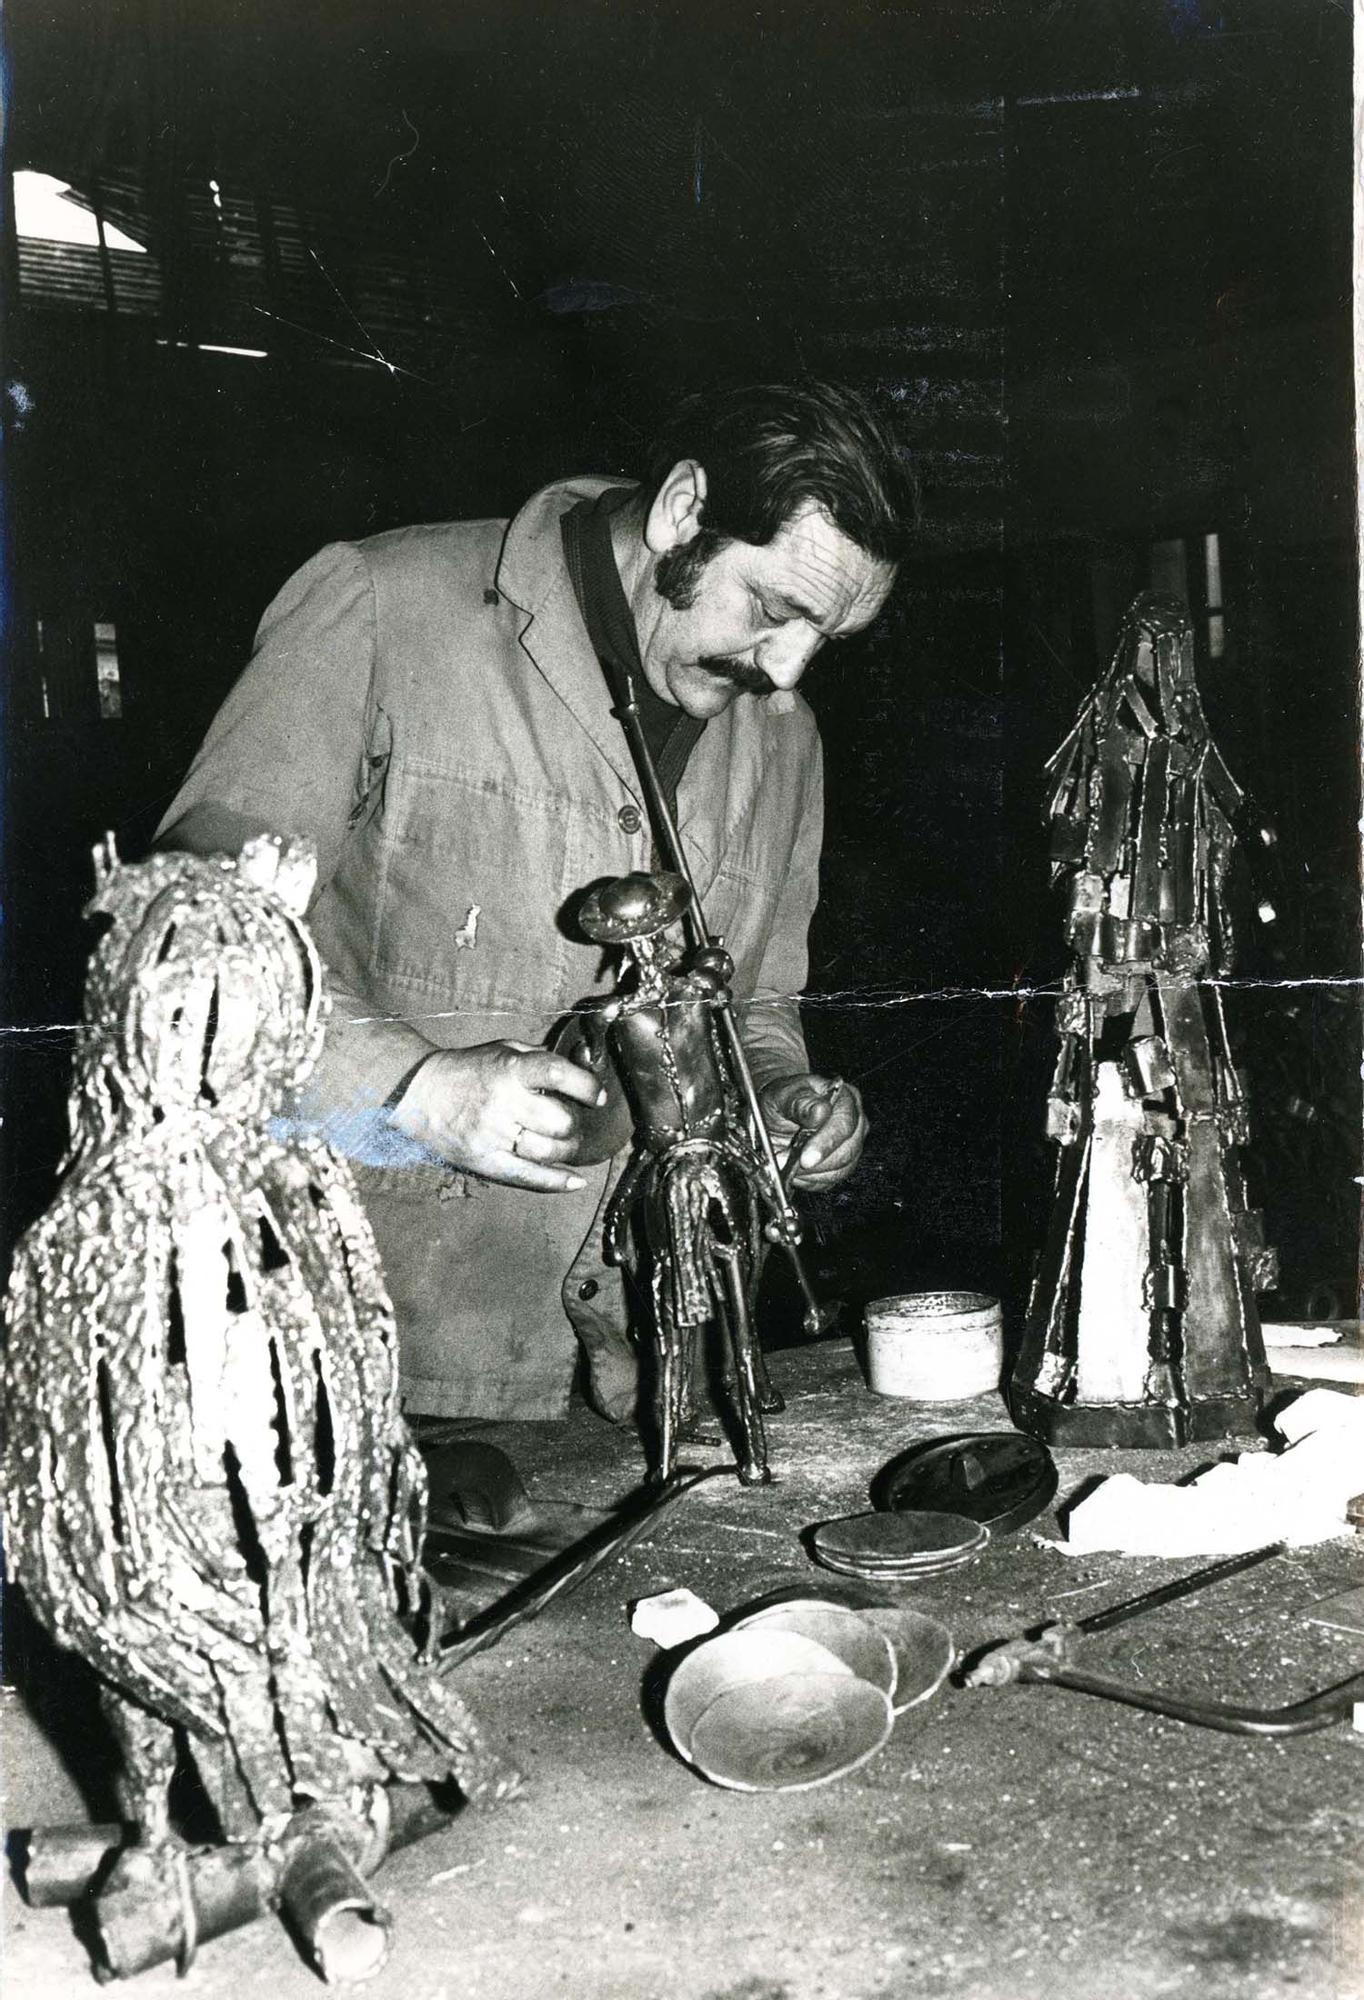 Rafael Rodríguez Urrusti en su taller de Oviedo/Uviéu, h. 1980 | Donación María Luisa López Llano